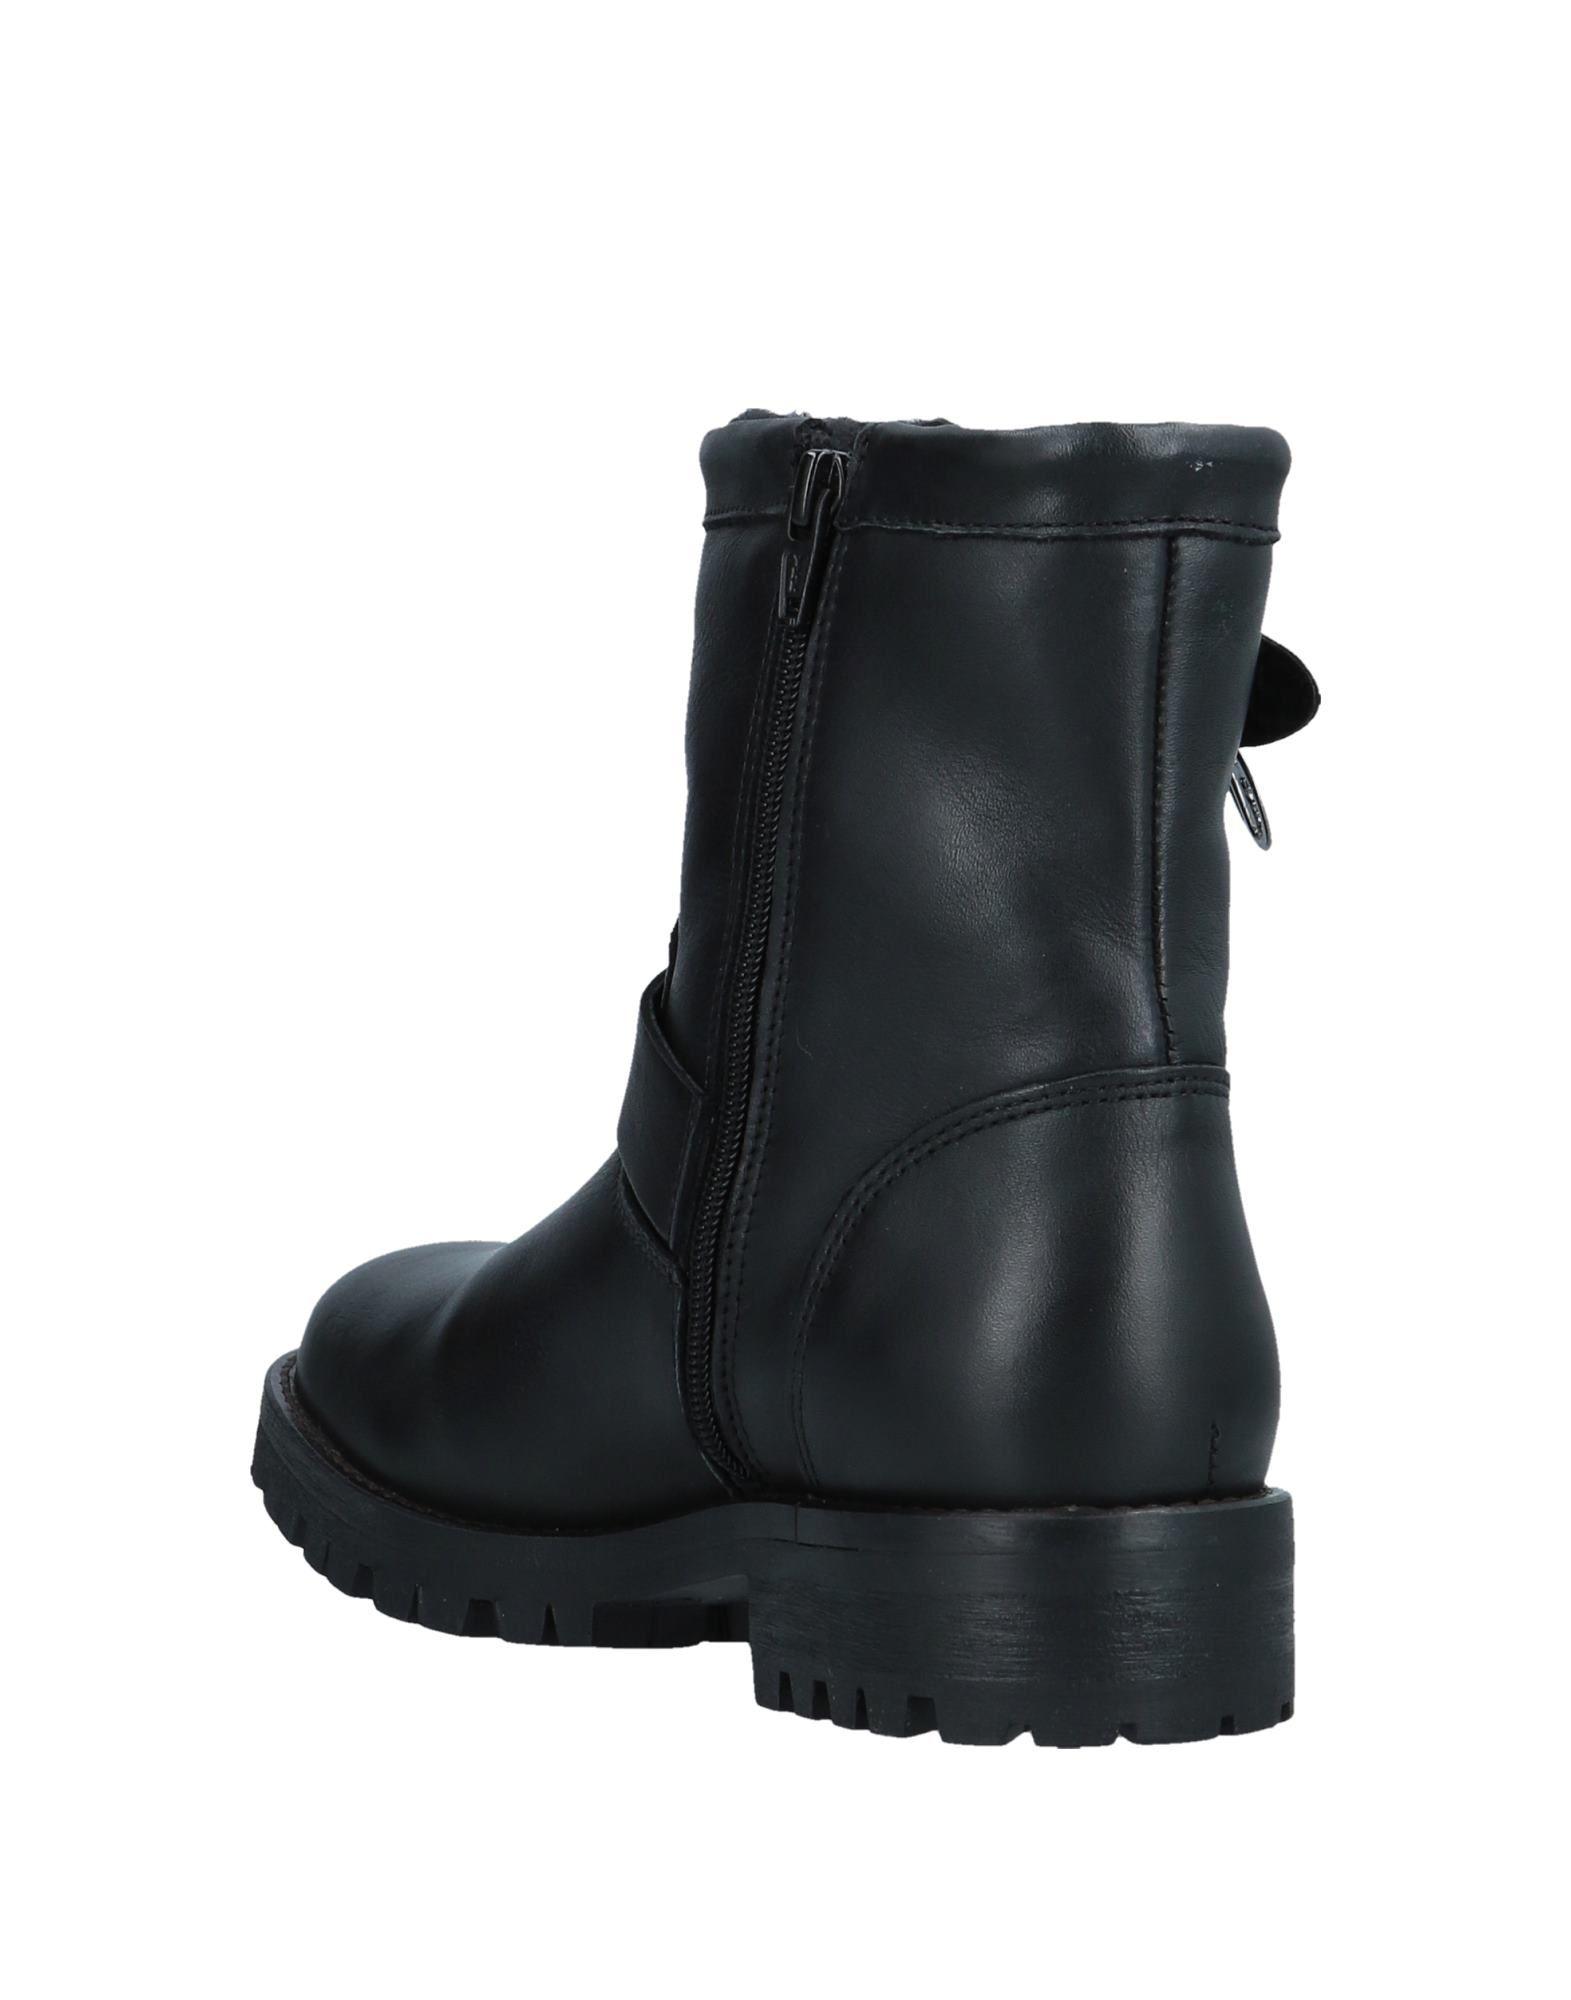 Gut um billige Damen Schuhe zu tragenTrussardi Jeans Stiefelette Damen billige  11545994KU e5acce